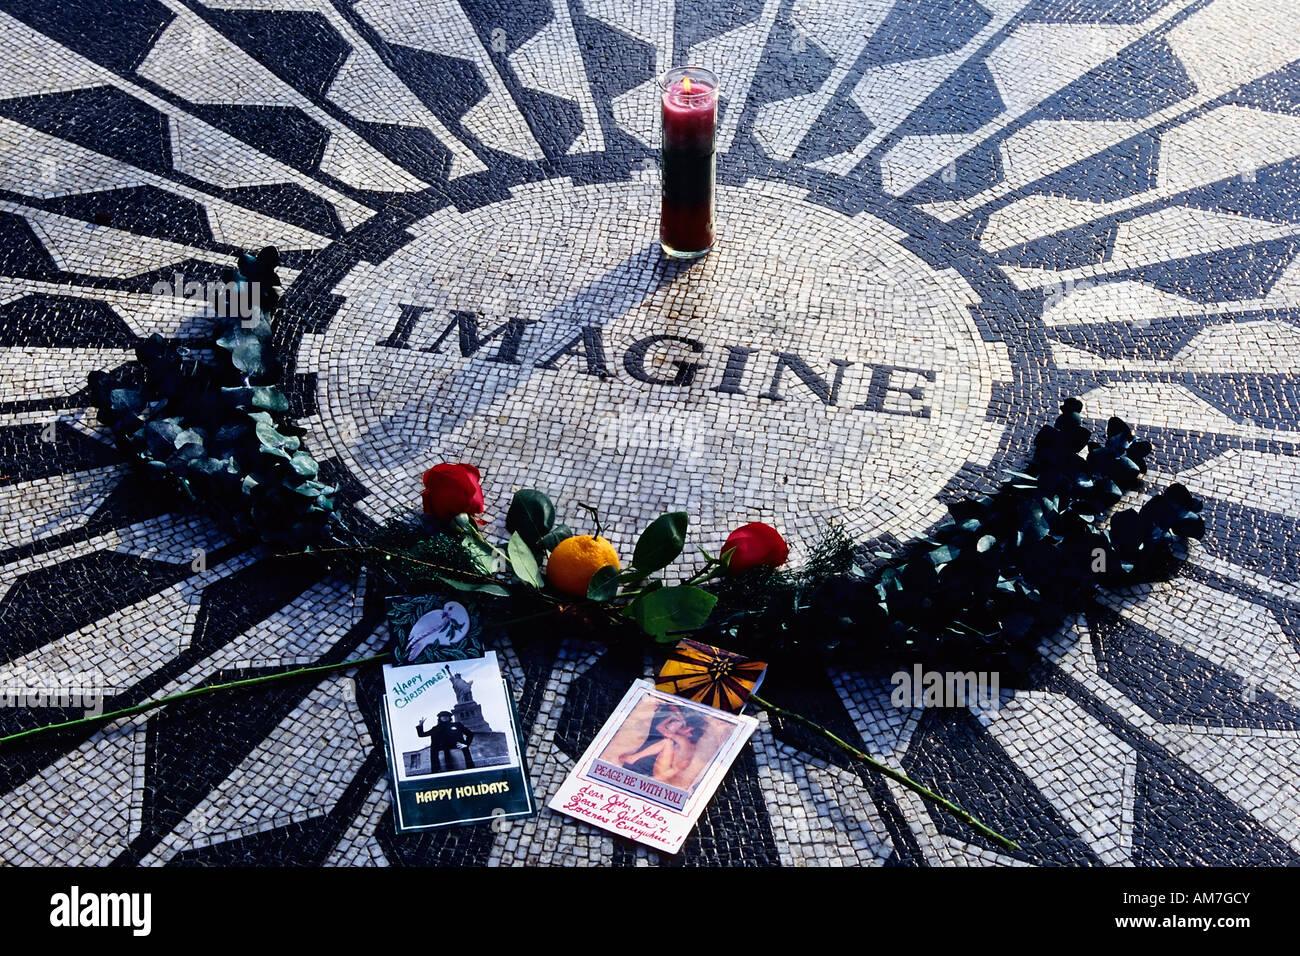 Dekorierte Gedenkstätte für John Lennon, Strawberry Fields, Central Park, New York City, USA Stockfoto